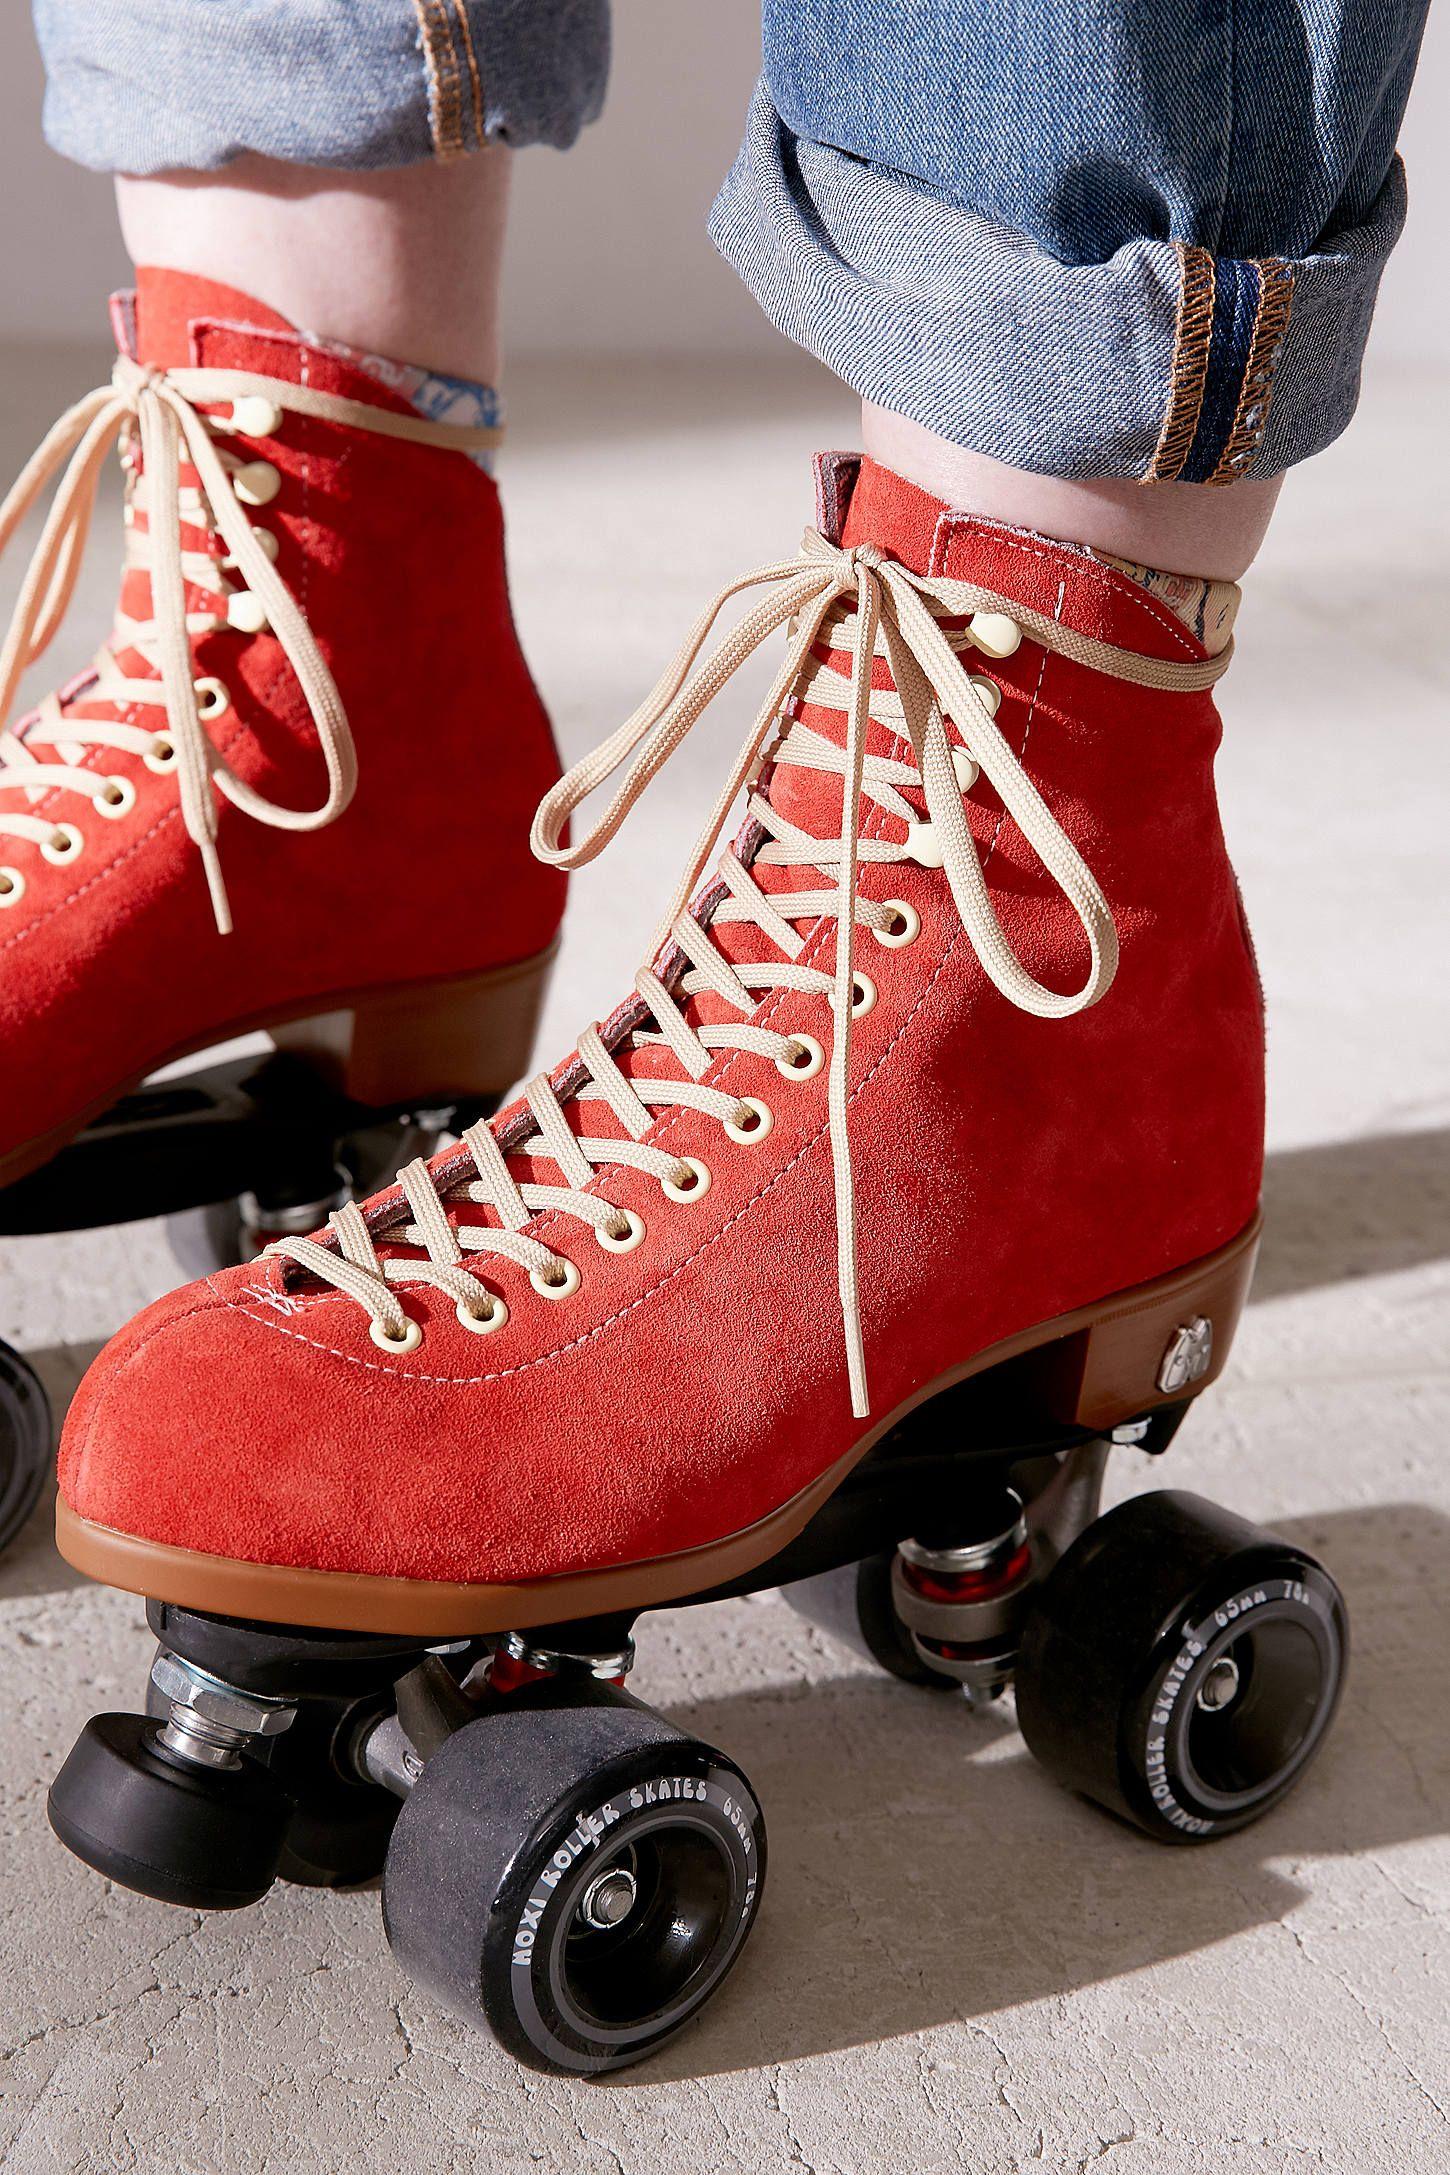 Moxi Uo Exclusive Suede Roller Skates Retro Roller Skates Roller Skates Vintage Skating Outfits